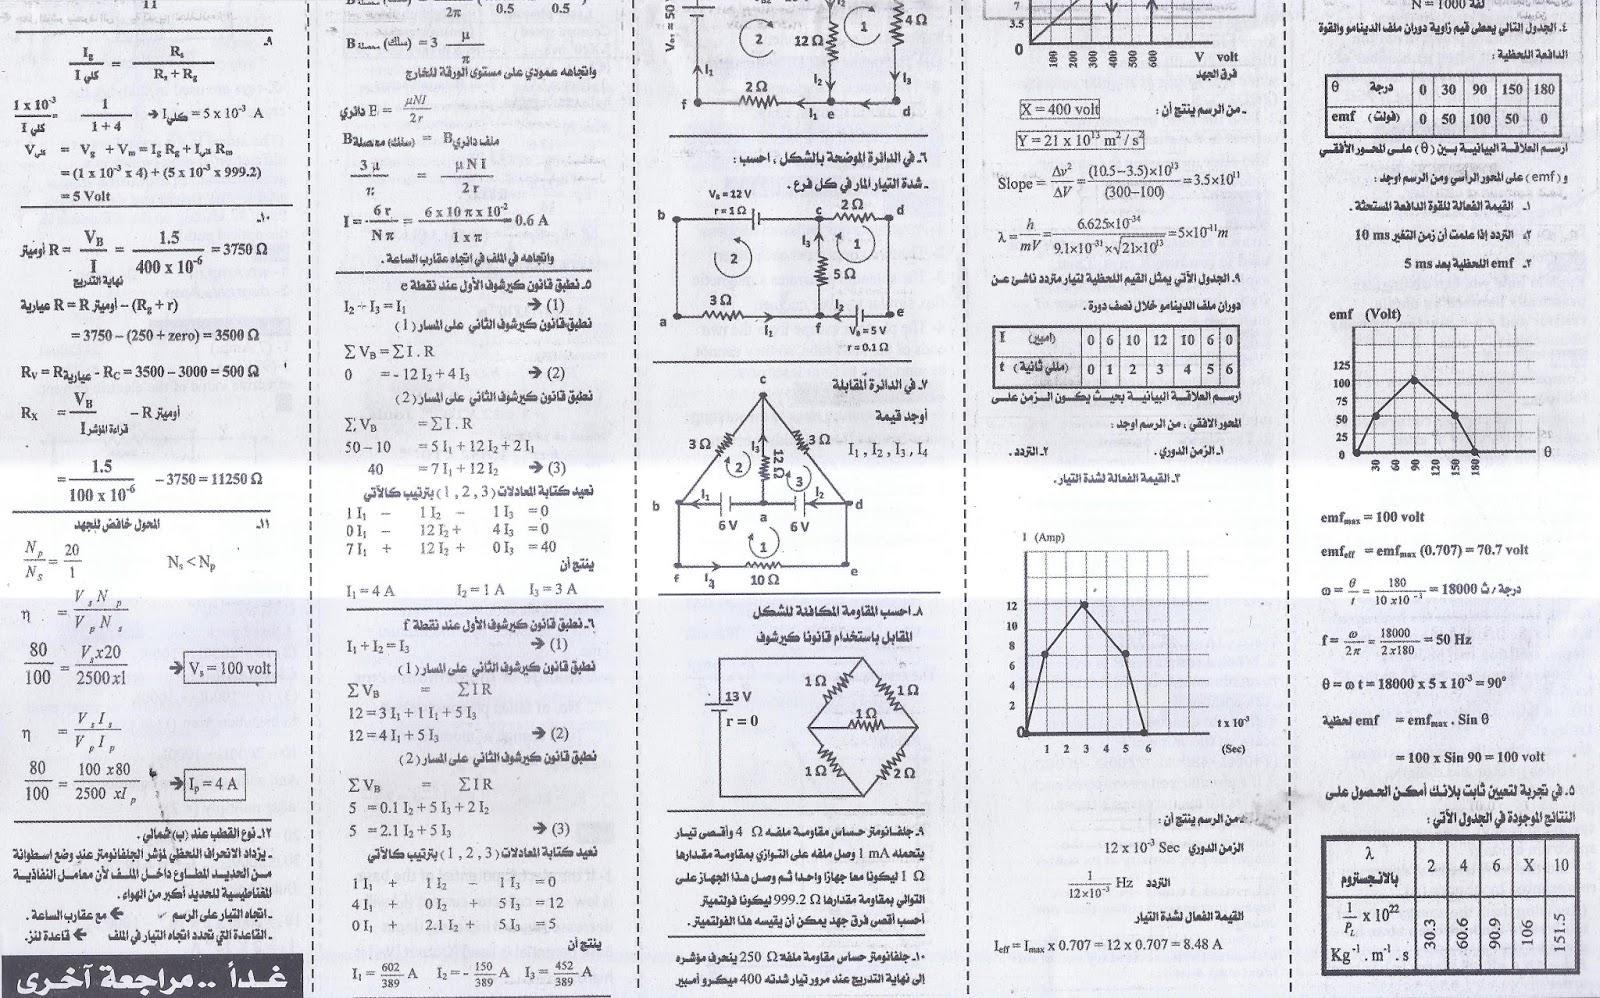 بنك توقعات الفيزياء للثانوية العامة.. ملحق الجمهورية الجزء الثاني 10